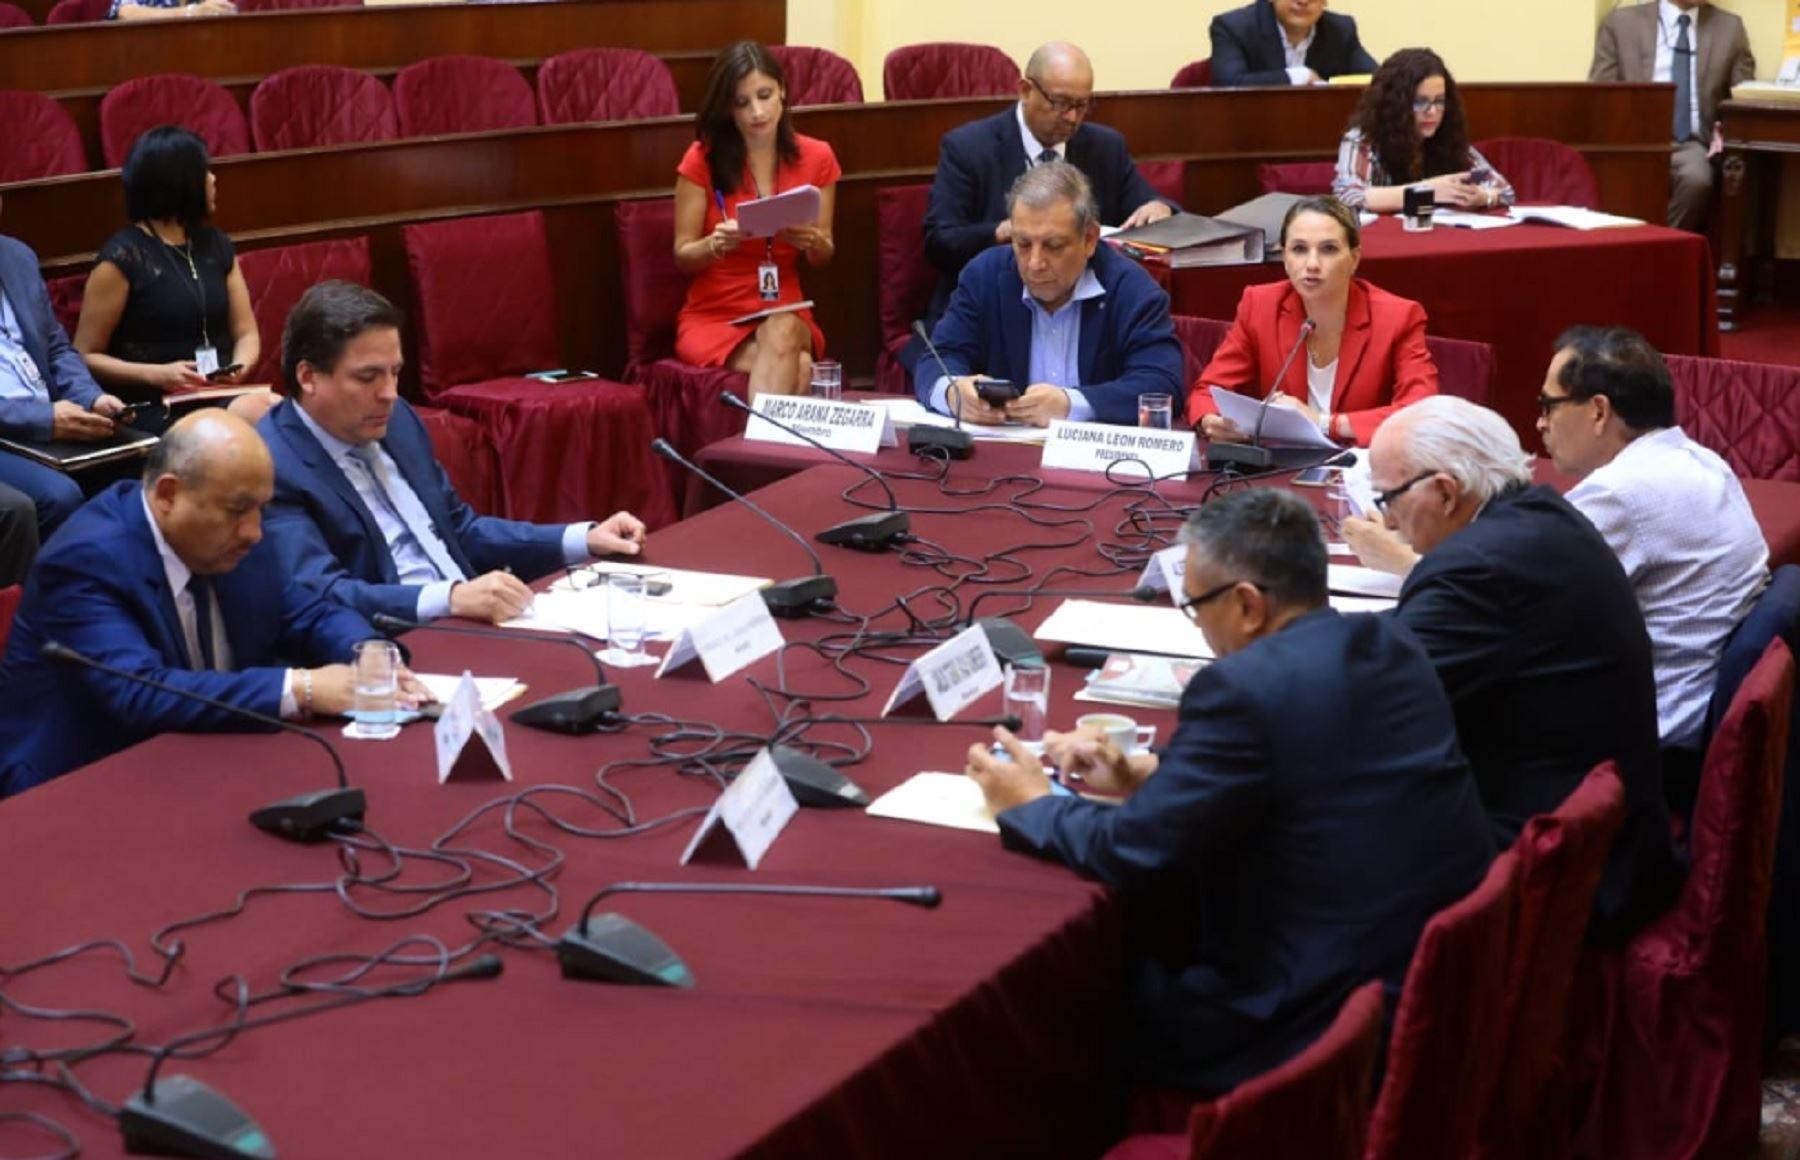 Comisión aprobó admitir a trámite pedido para levantar fuero a Edwin Donayre